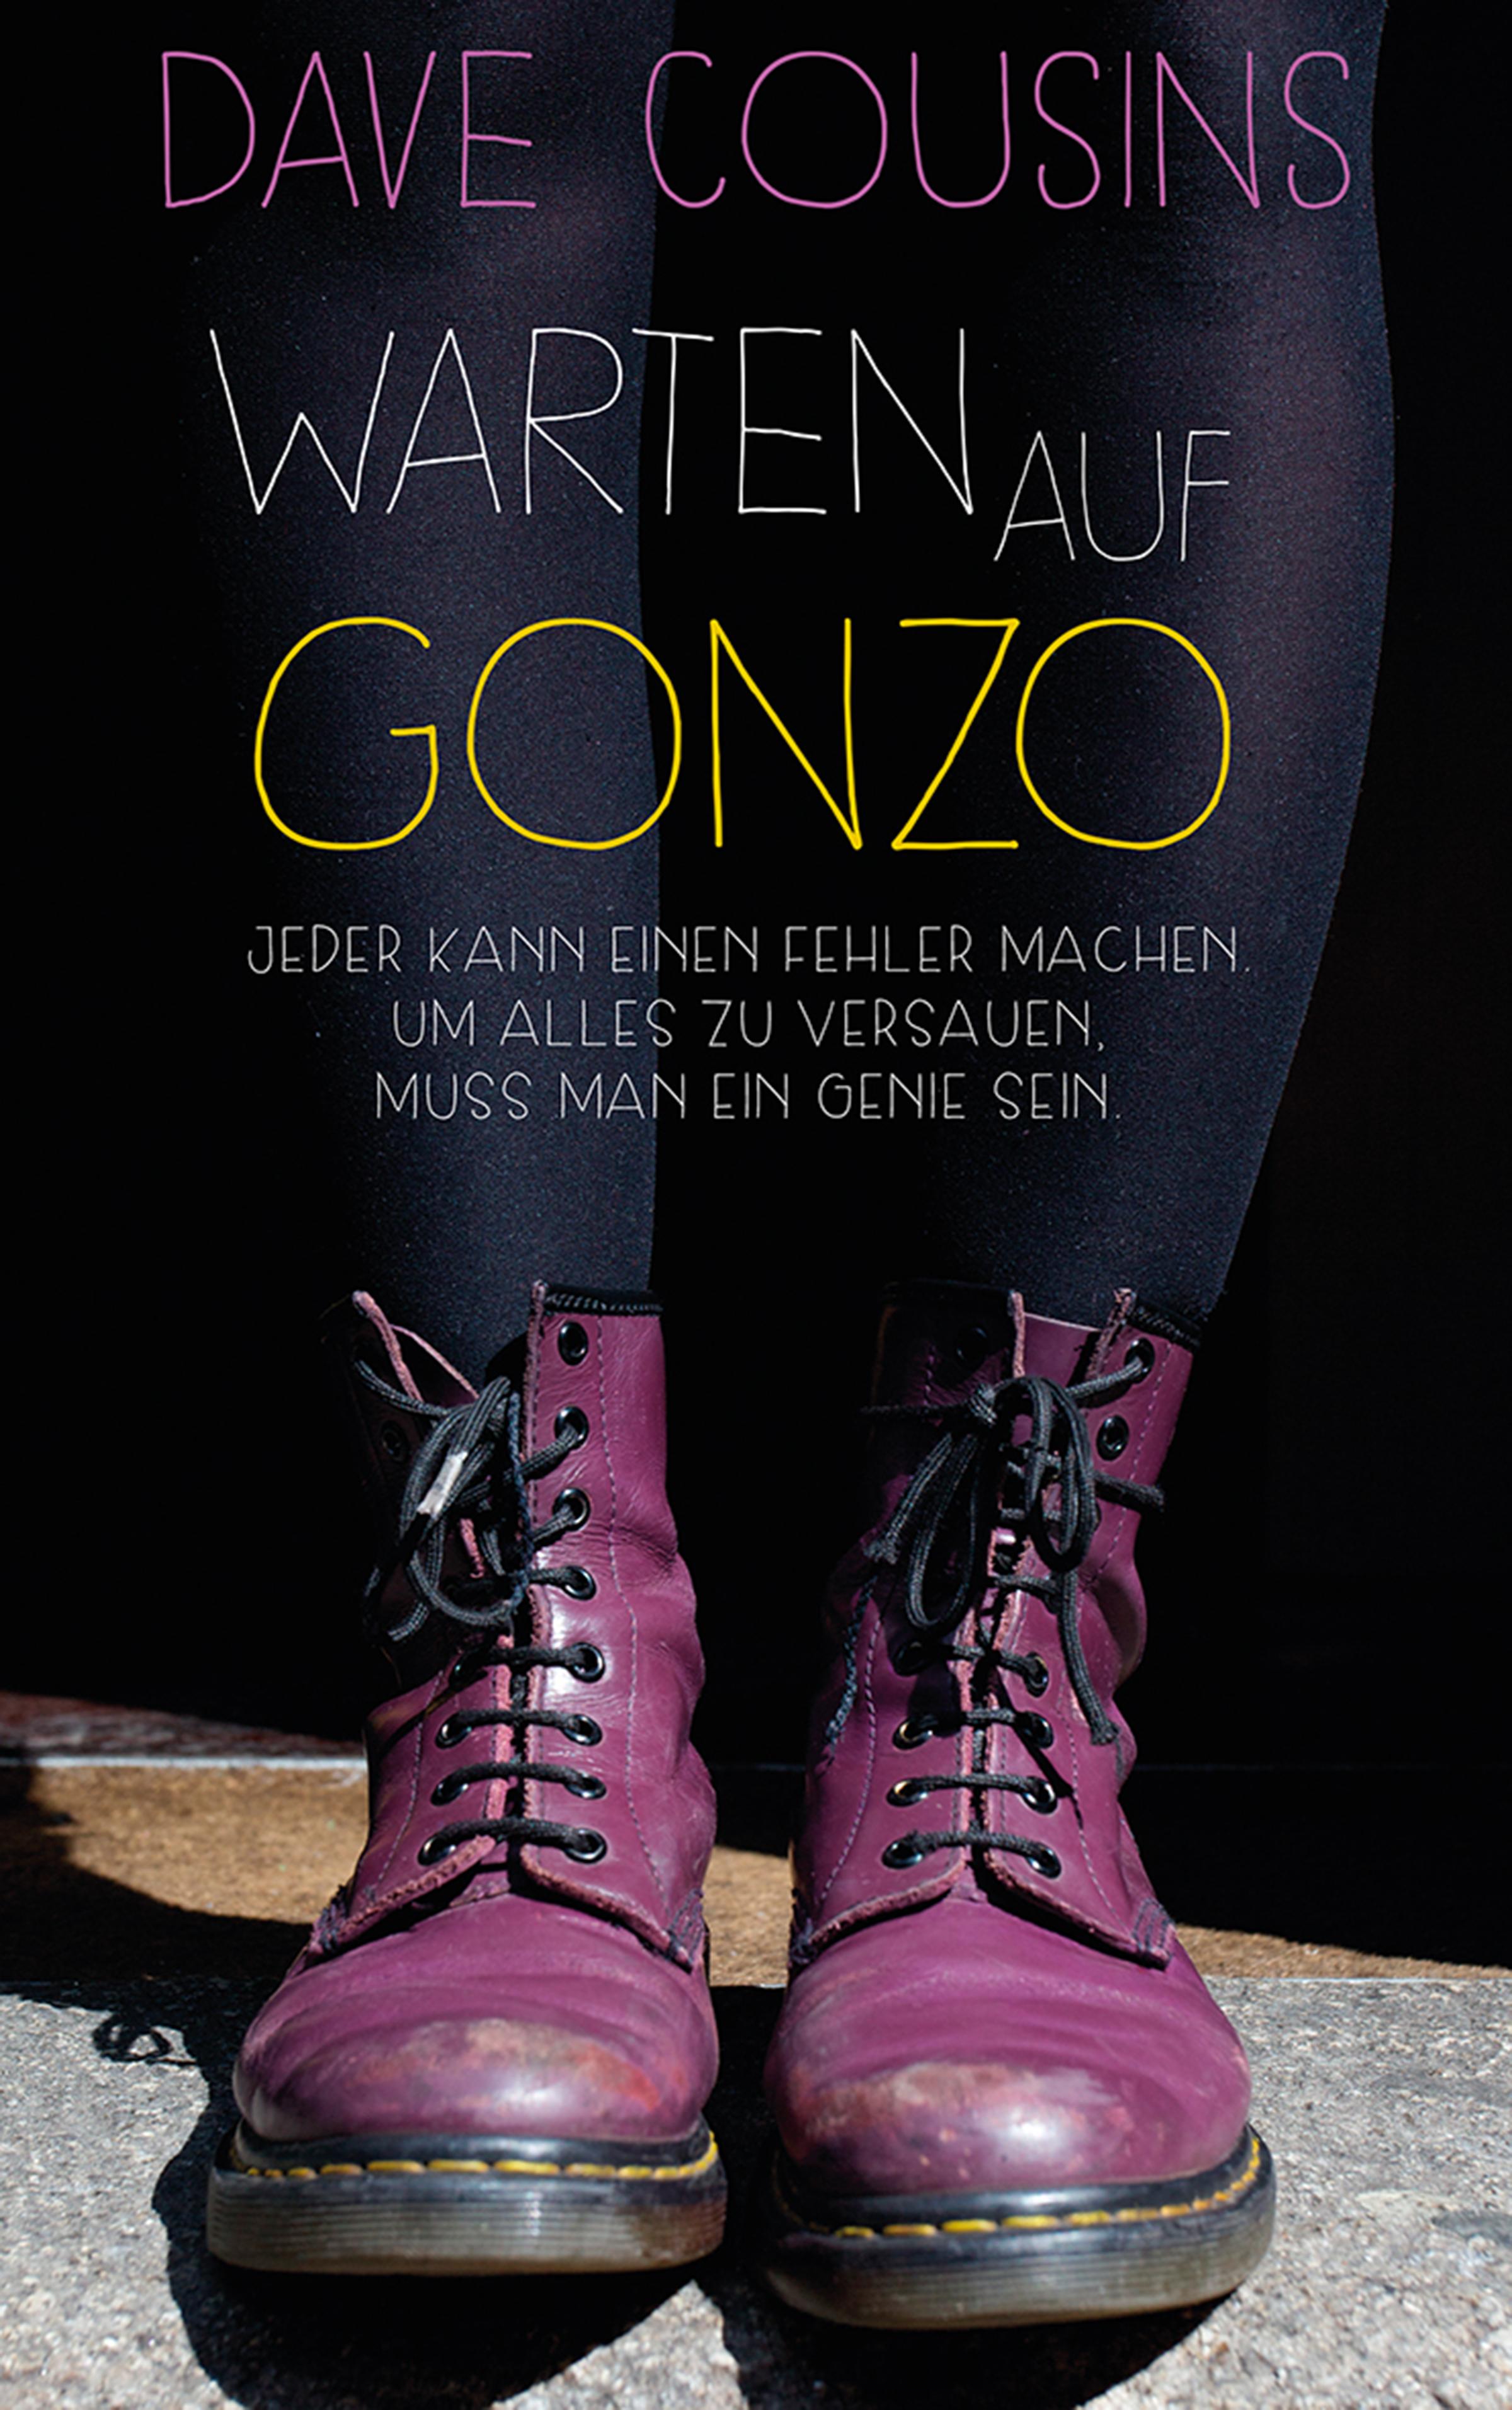 Dave Cousins Warten auf Gonzo gonzo judaism